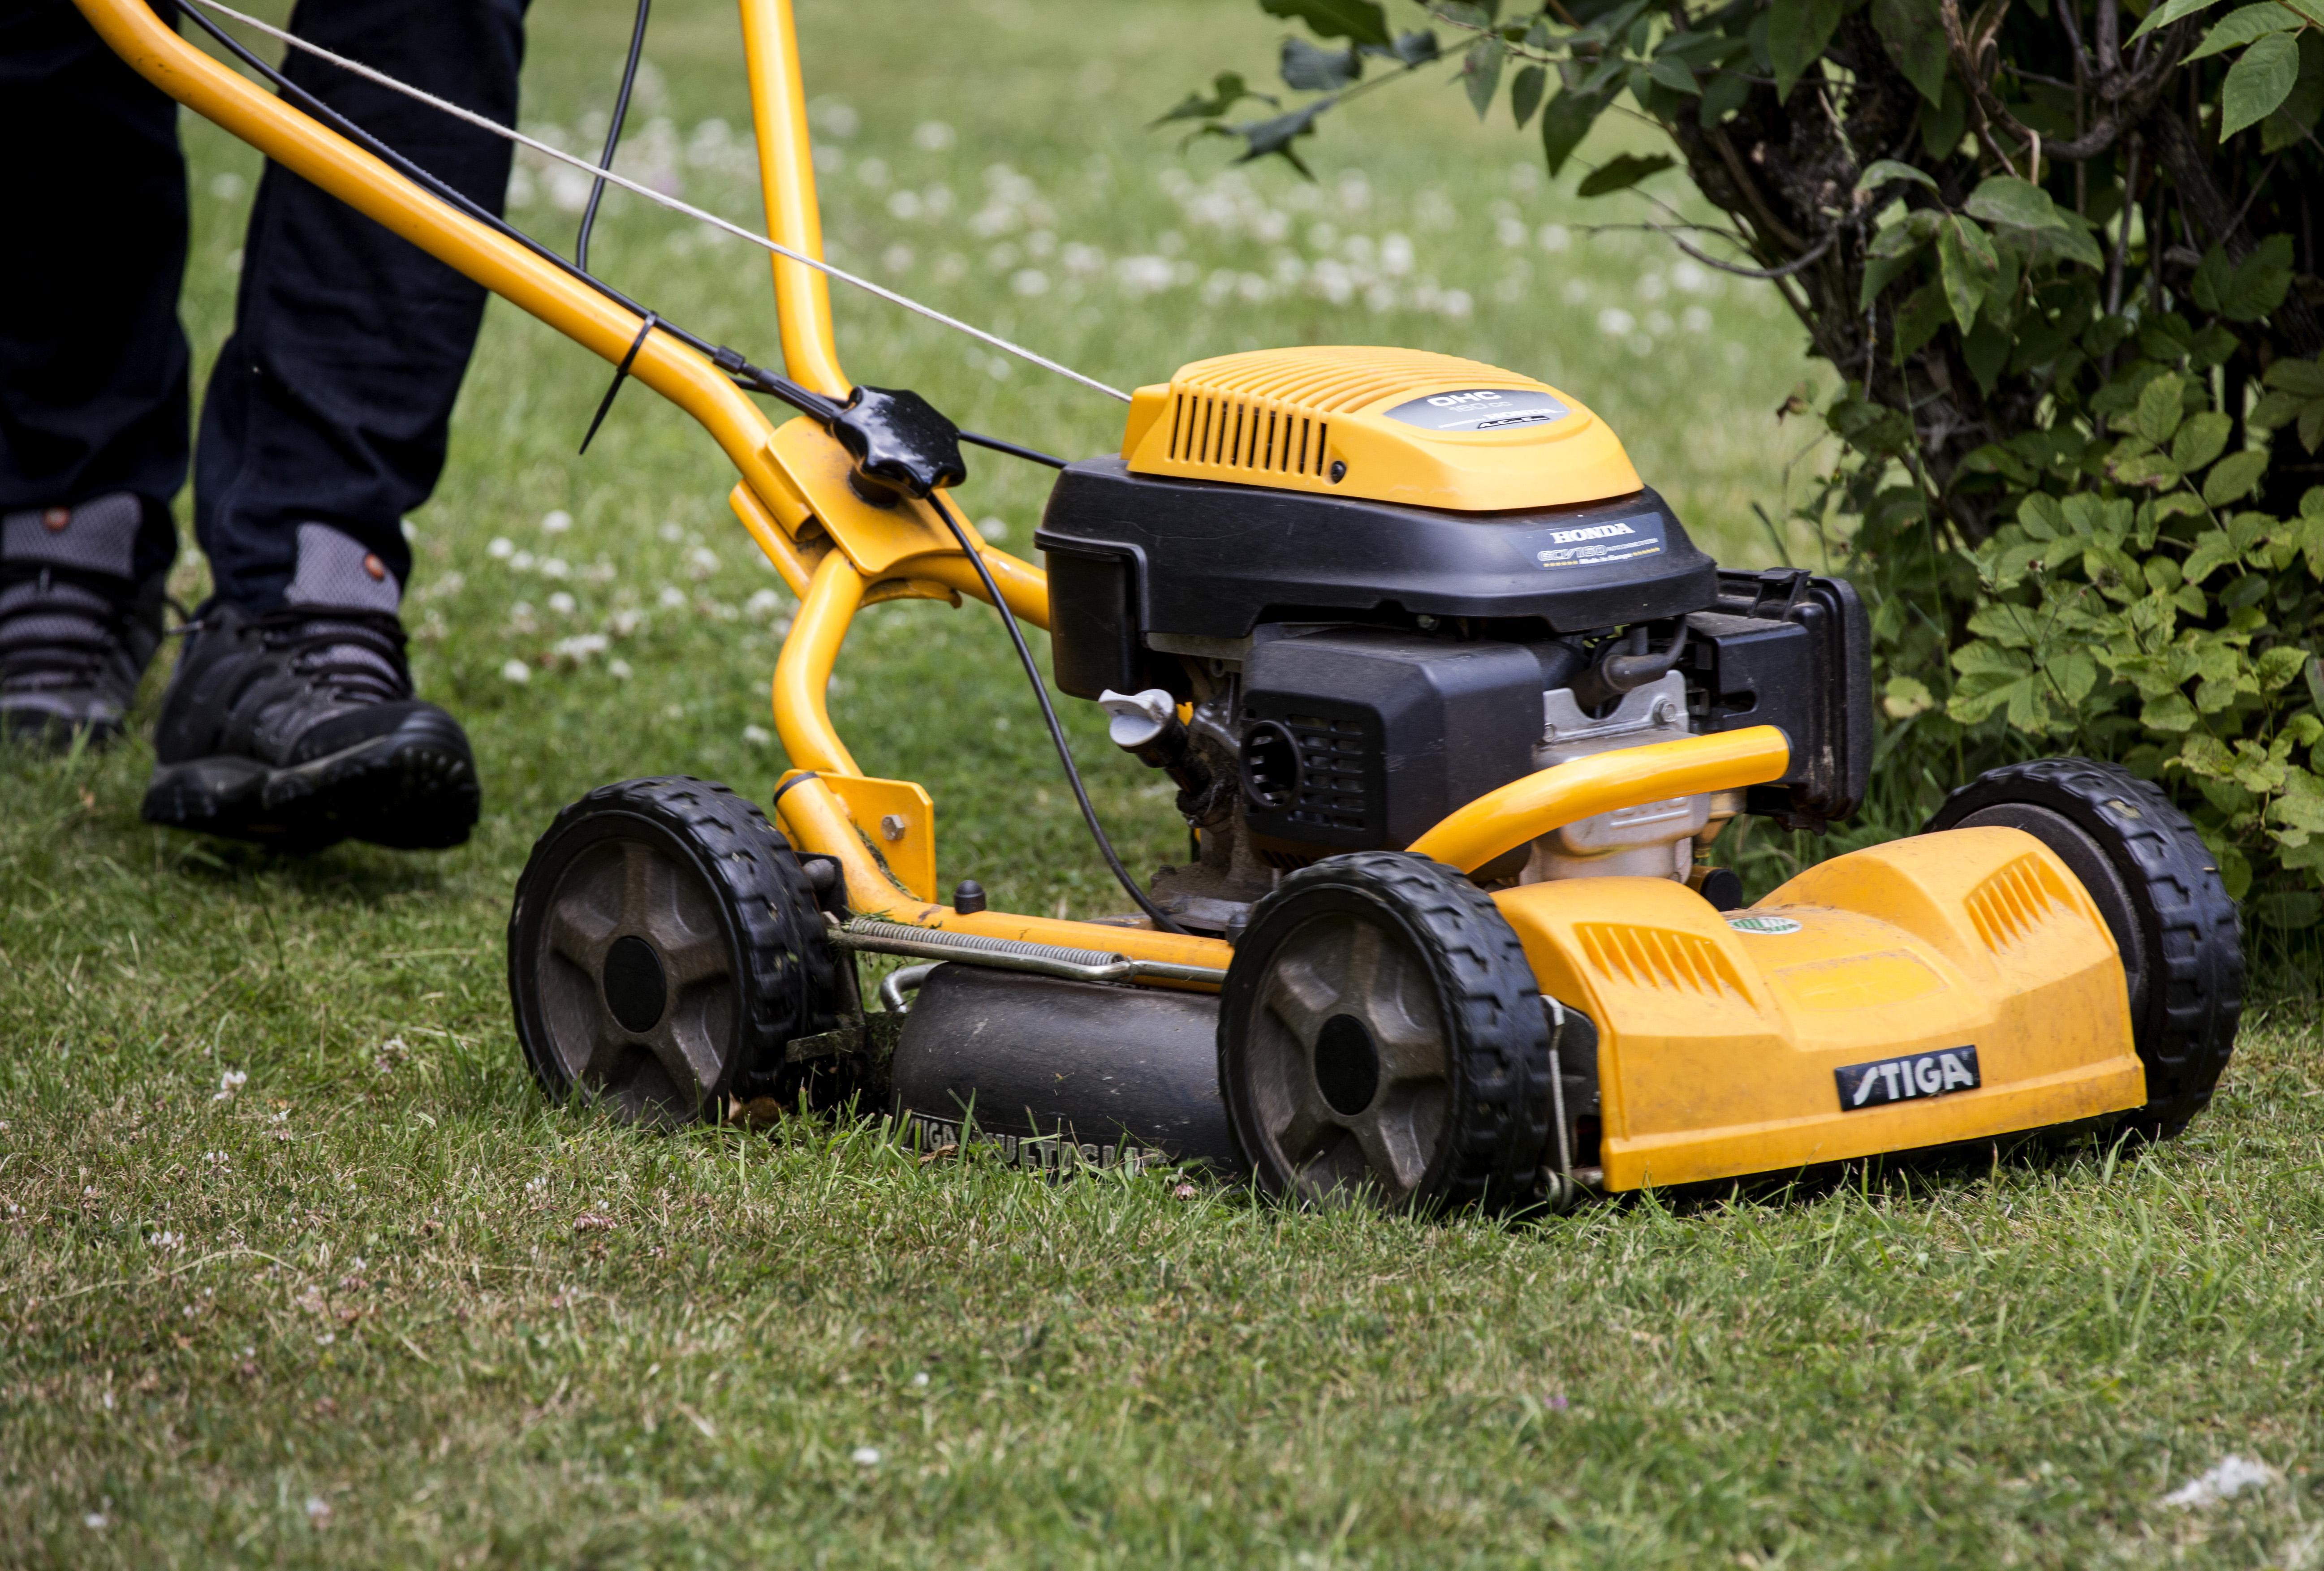 Varje år vårdas omkring 500 personer på sjukhus eller i den specialiserade öppenvården efter att ha skadat sig på gräsklipparen.